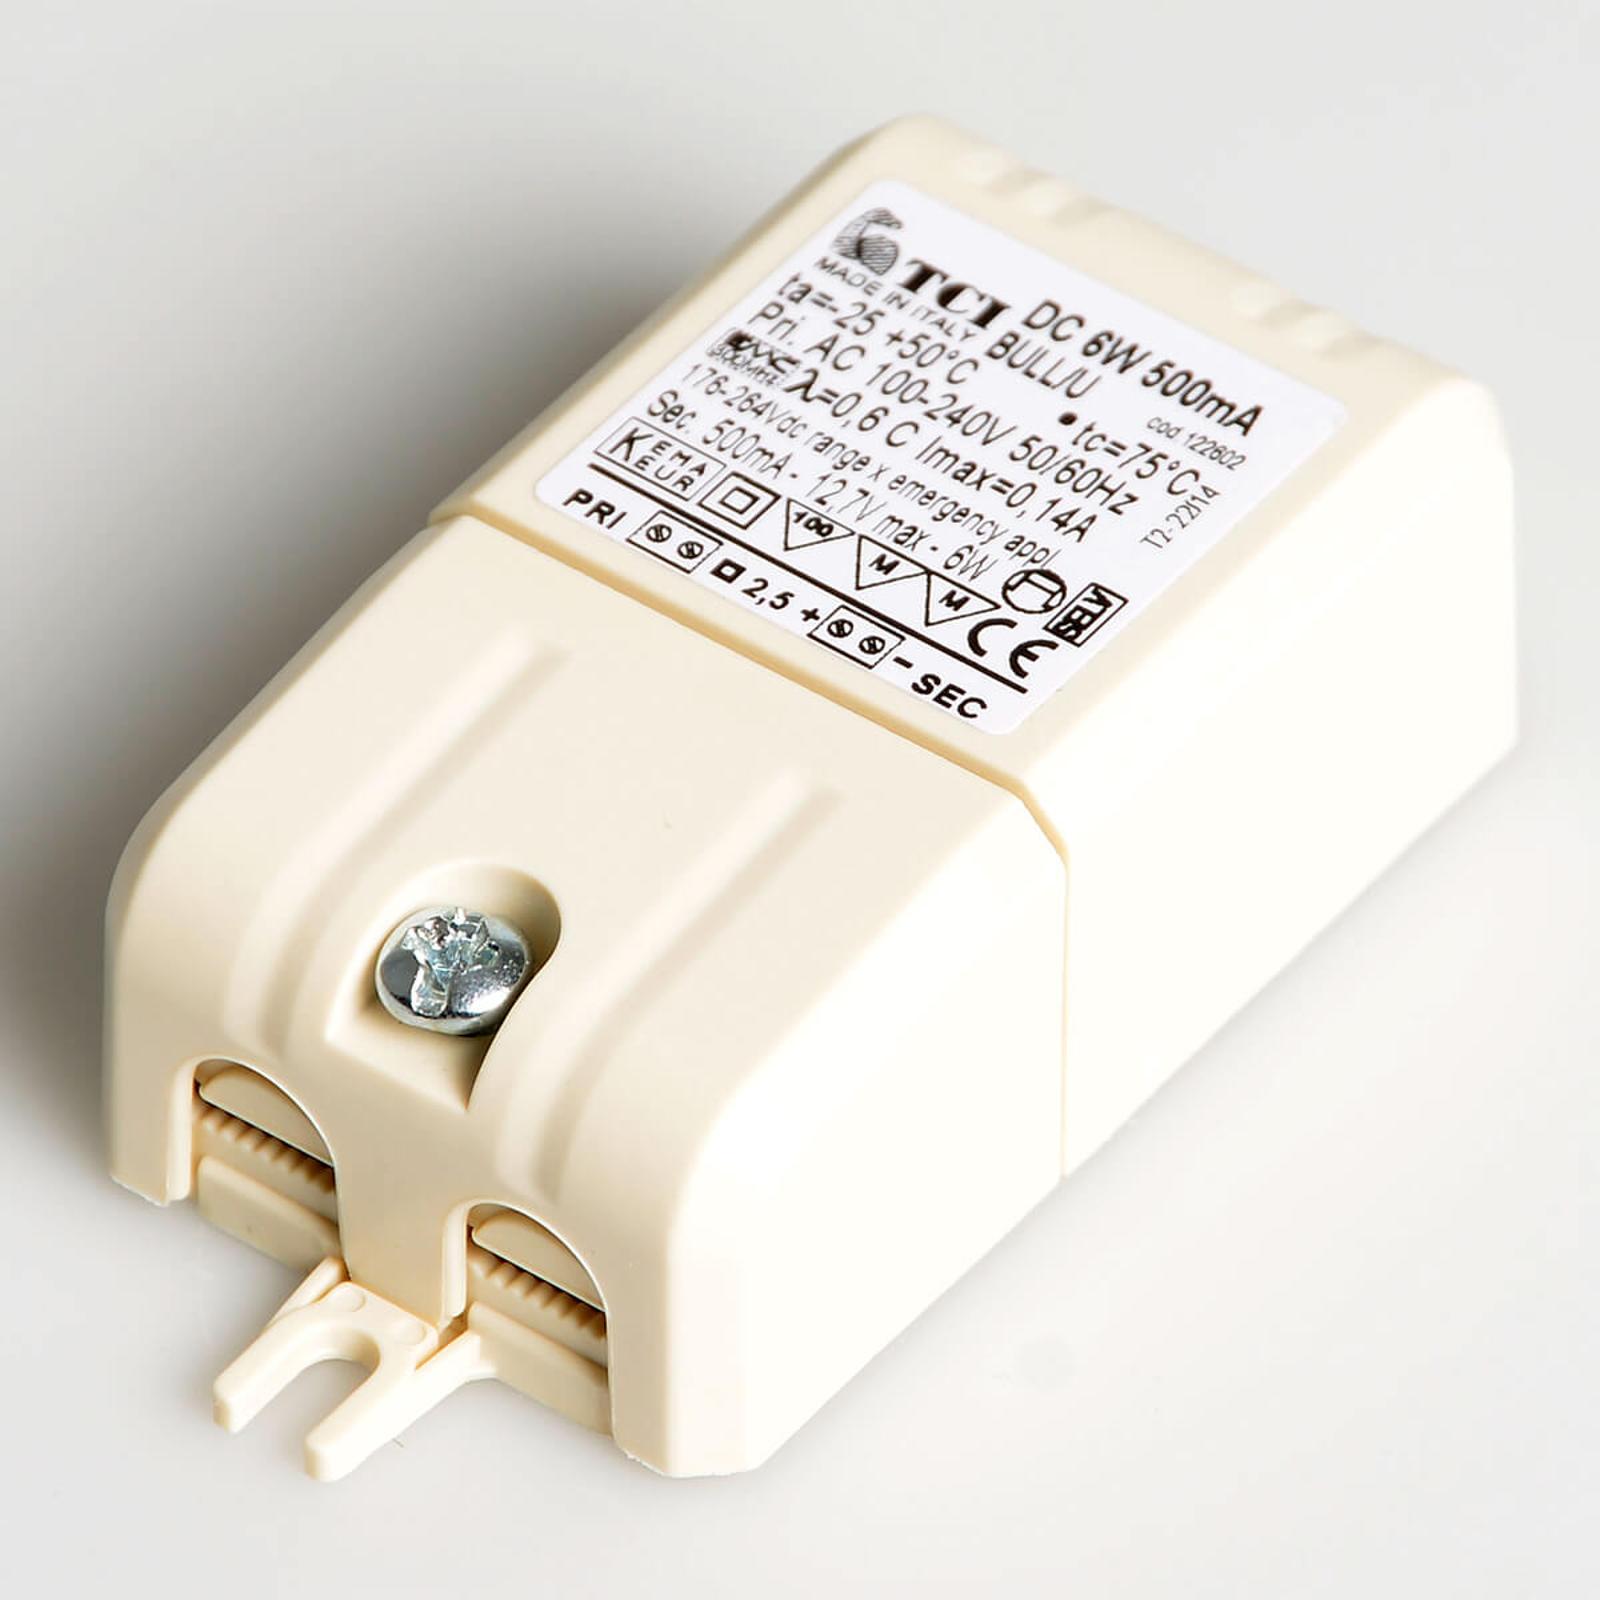 LED converter for doorbell on Letterman letterbox_1057173_1